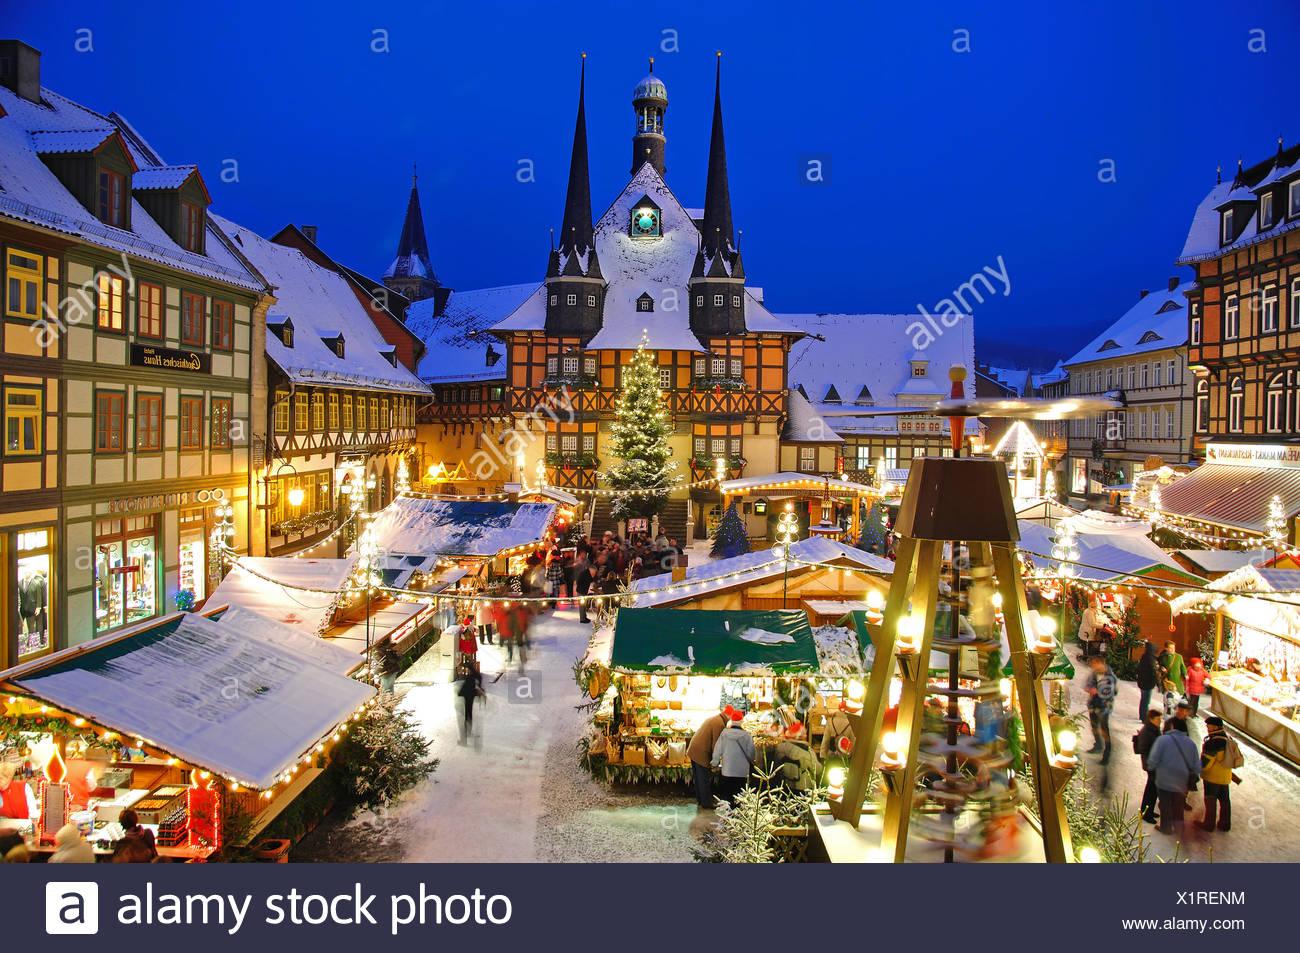 Wernigerode Weihnachtsmarkt.Christmas Market In Wernigerode Stock Photo 276497024 Alamy